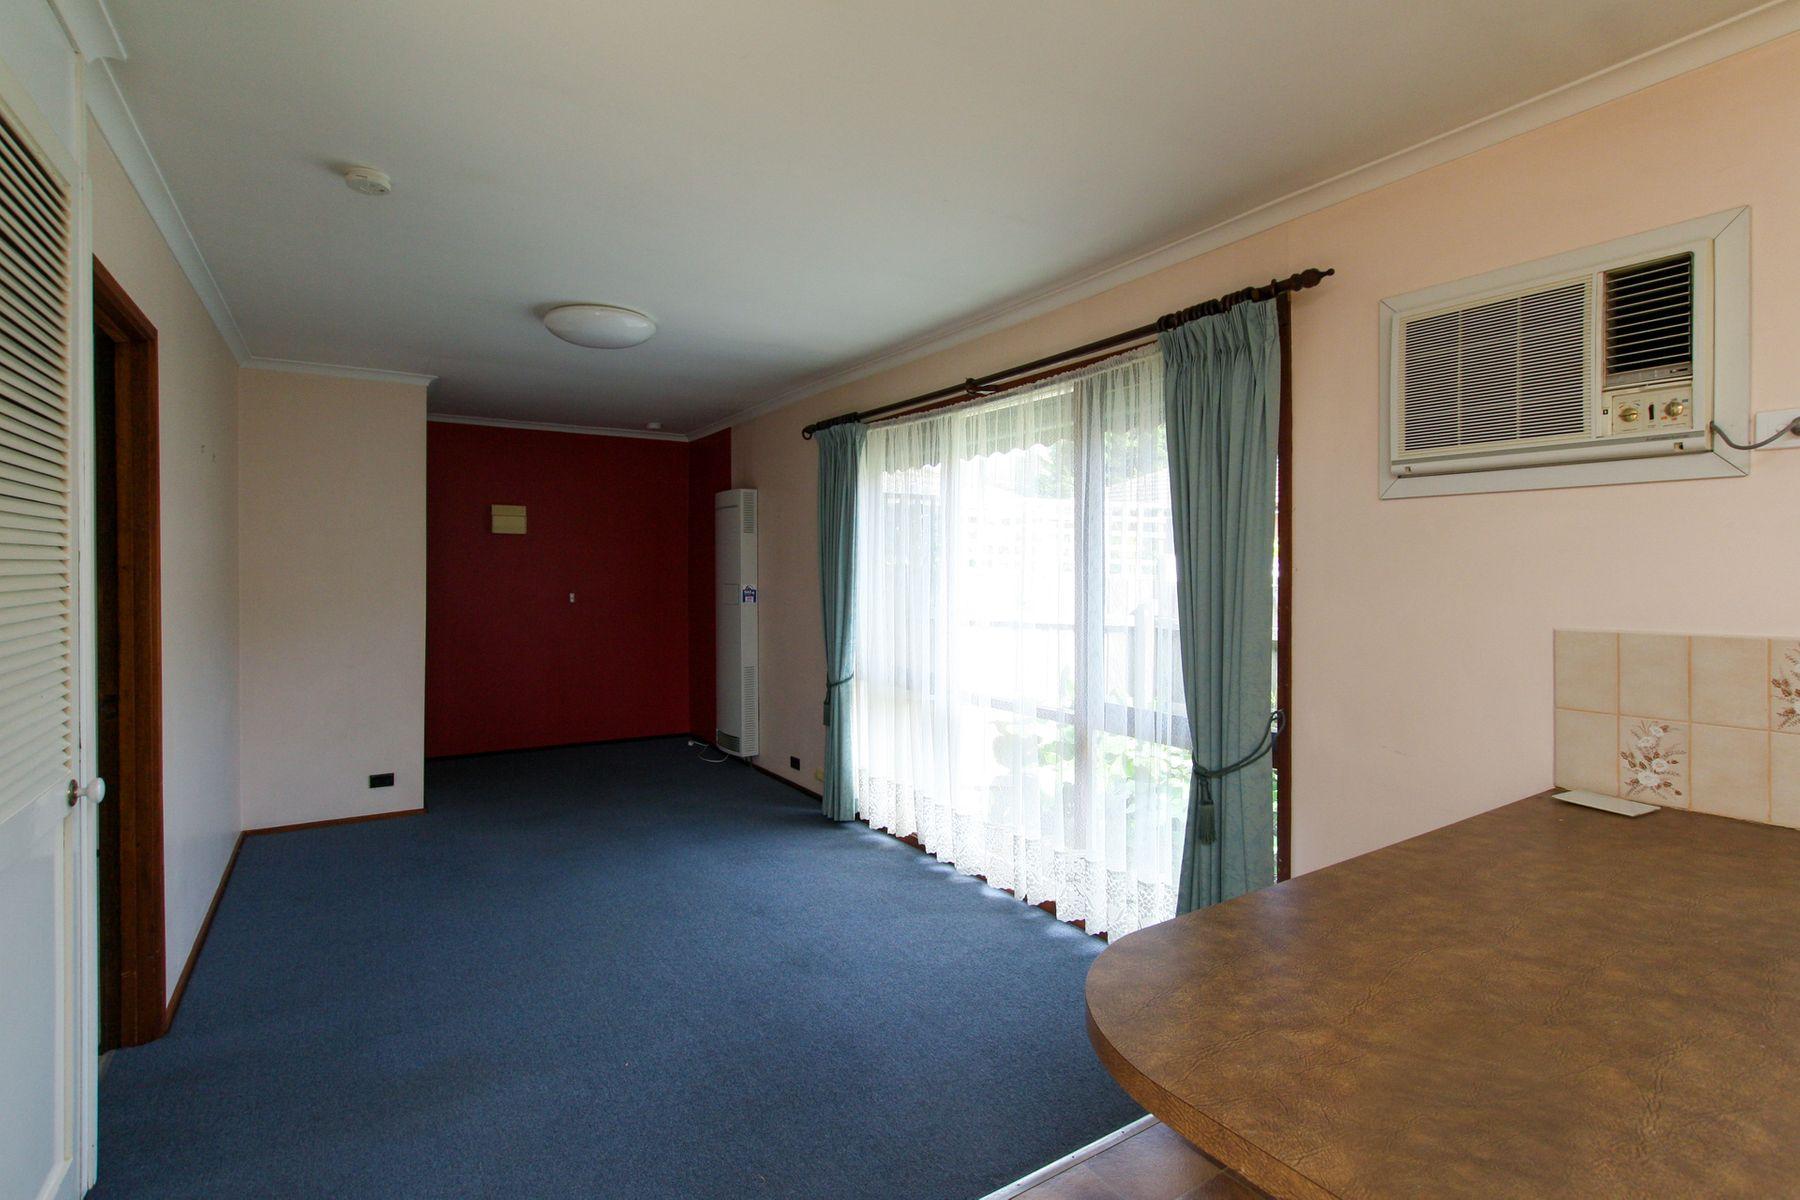 37A Zina Grove, Mooroolbark, VIC 3138